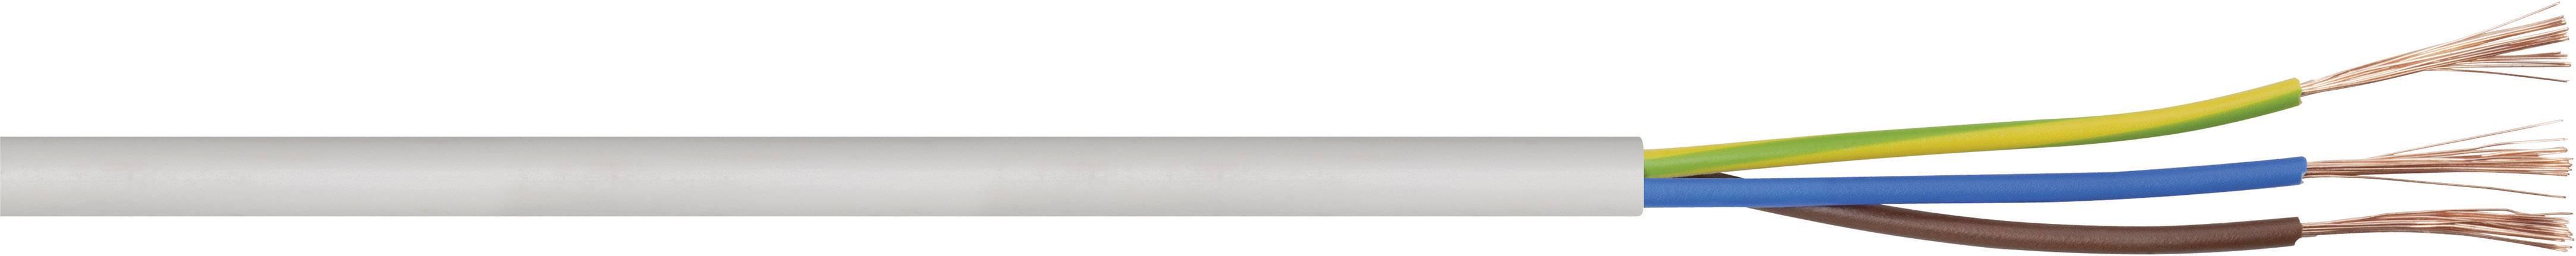 Vícežílový kabel LAPP H03VV-F, 49900065/500, 2 x 0.75 mm², bílá, 500 m